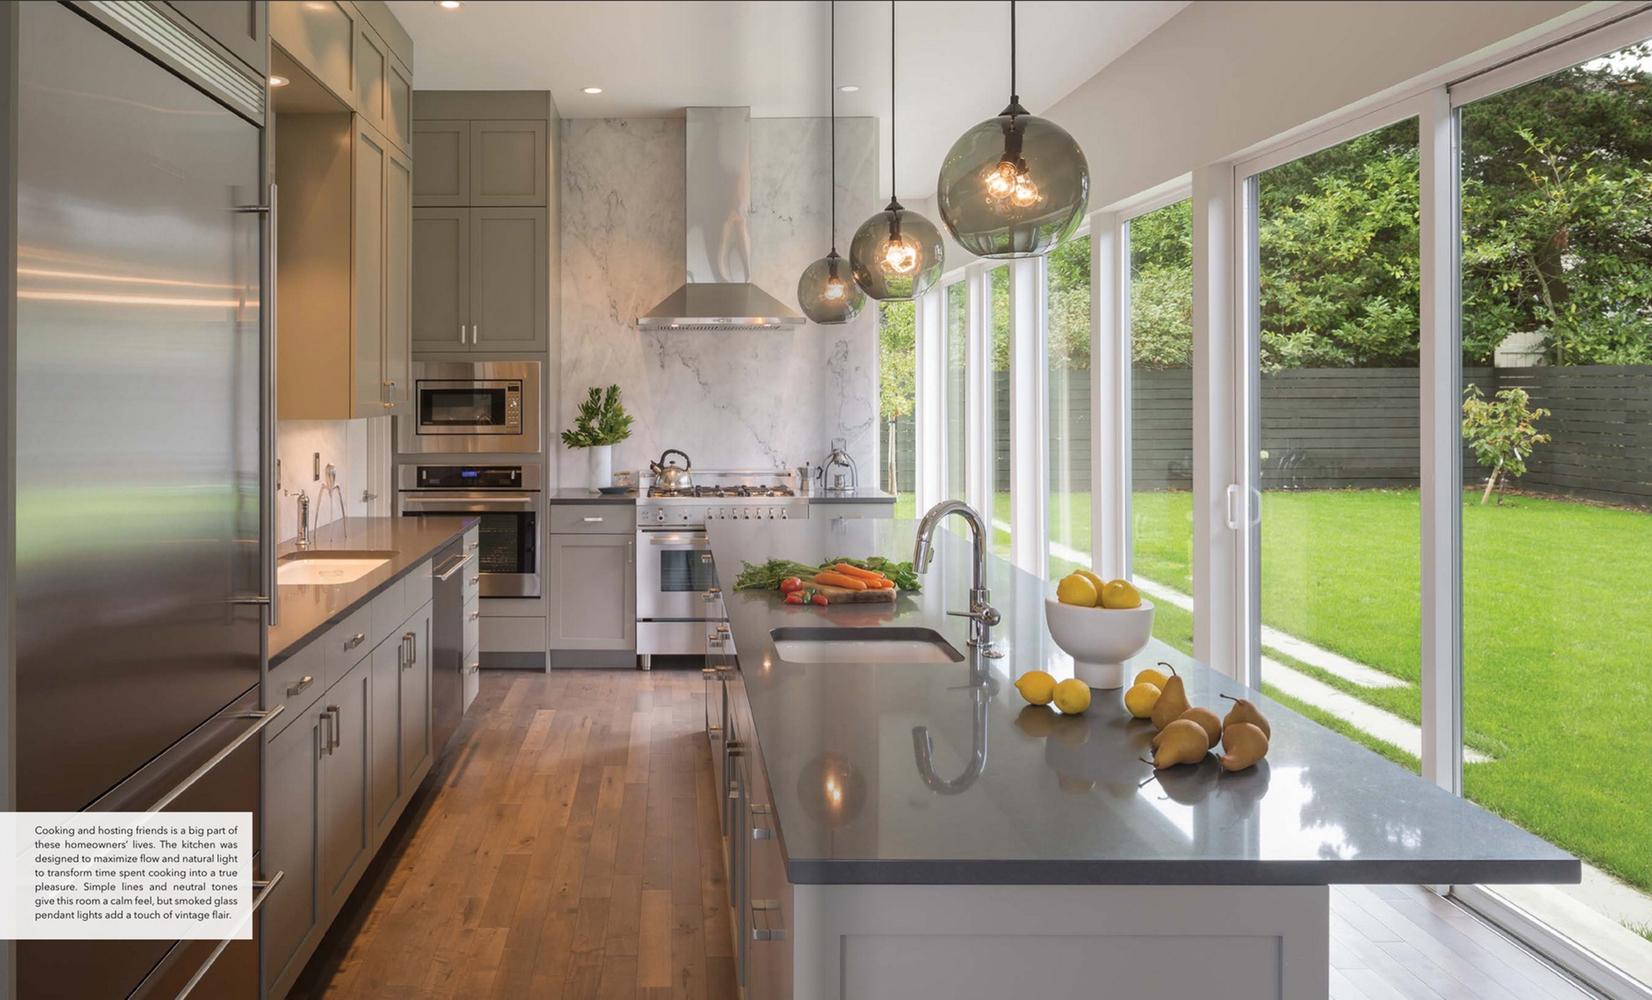 Outdoor Küche Fliesen : Outdoor küche arbeitsplatte fliesen poggenpohl küchen gebraucht